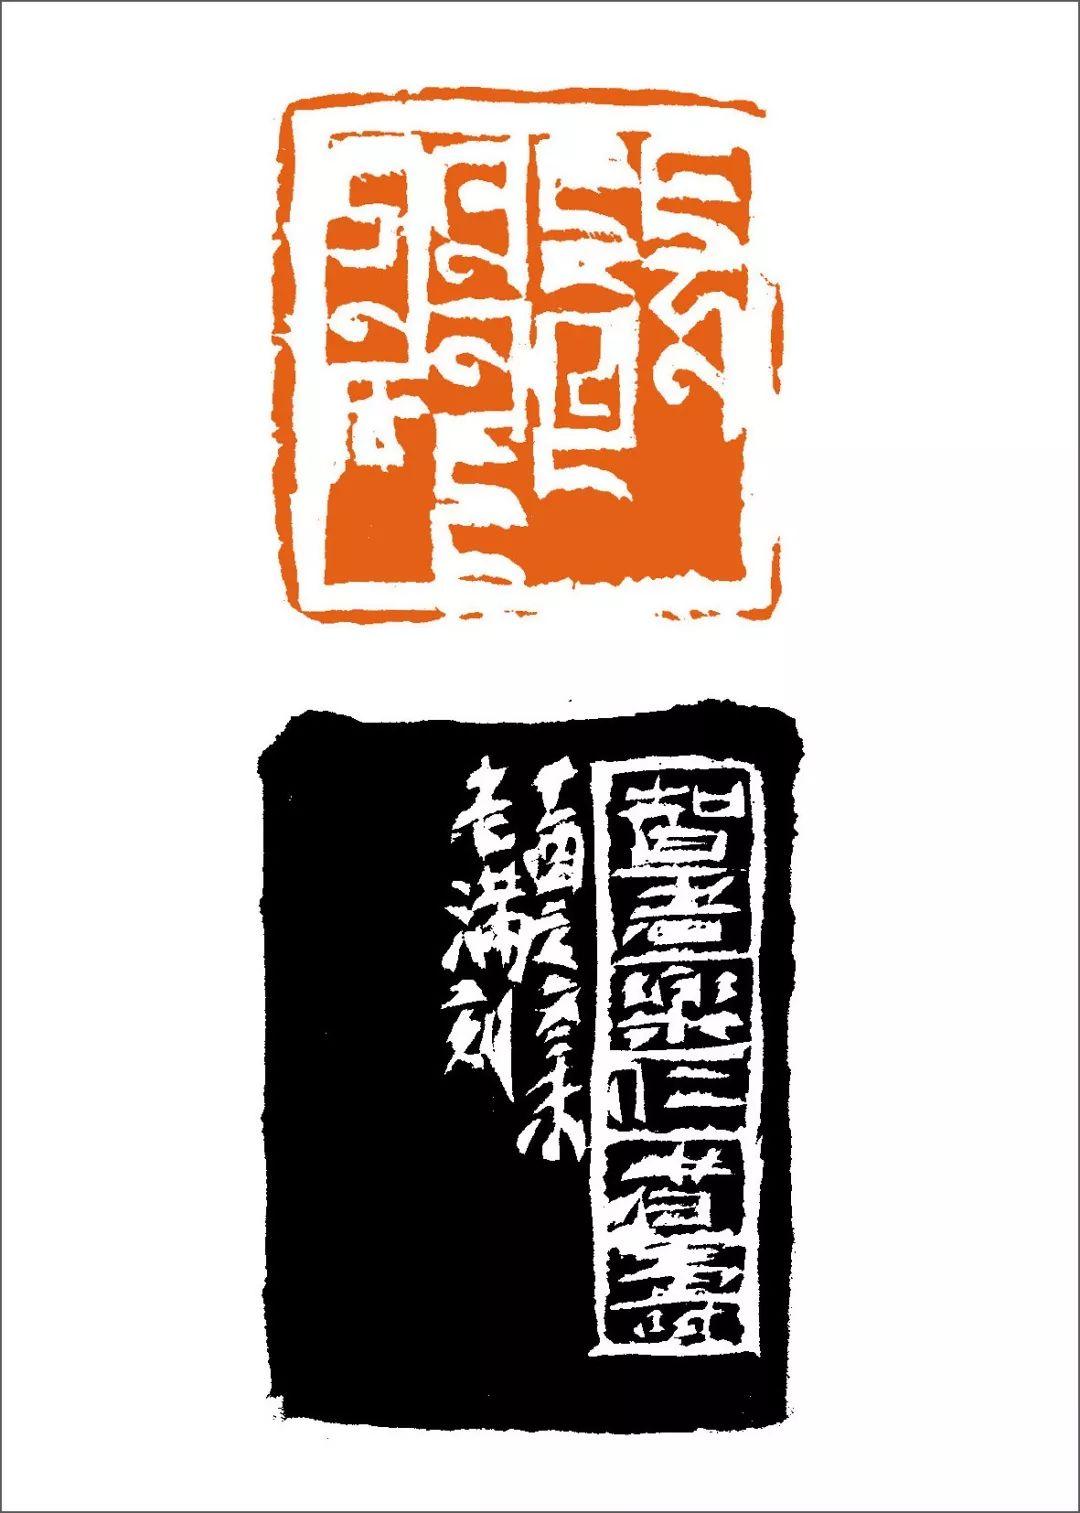 篆刻丛谈:八思巴文篆刻原石赏析 第58张